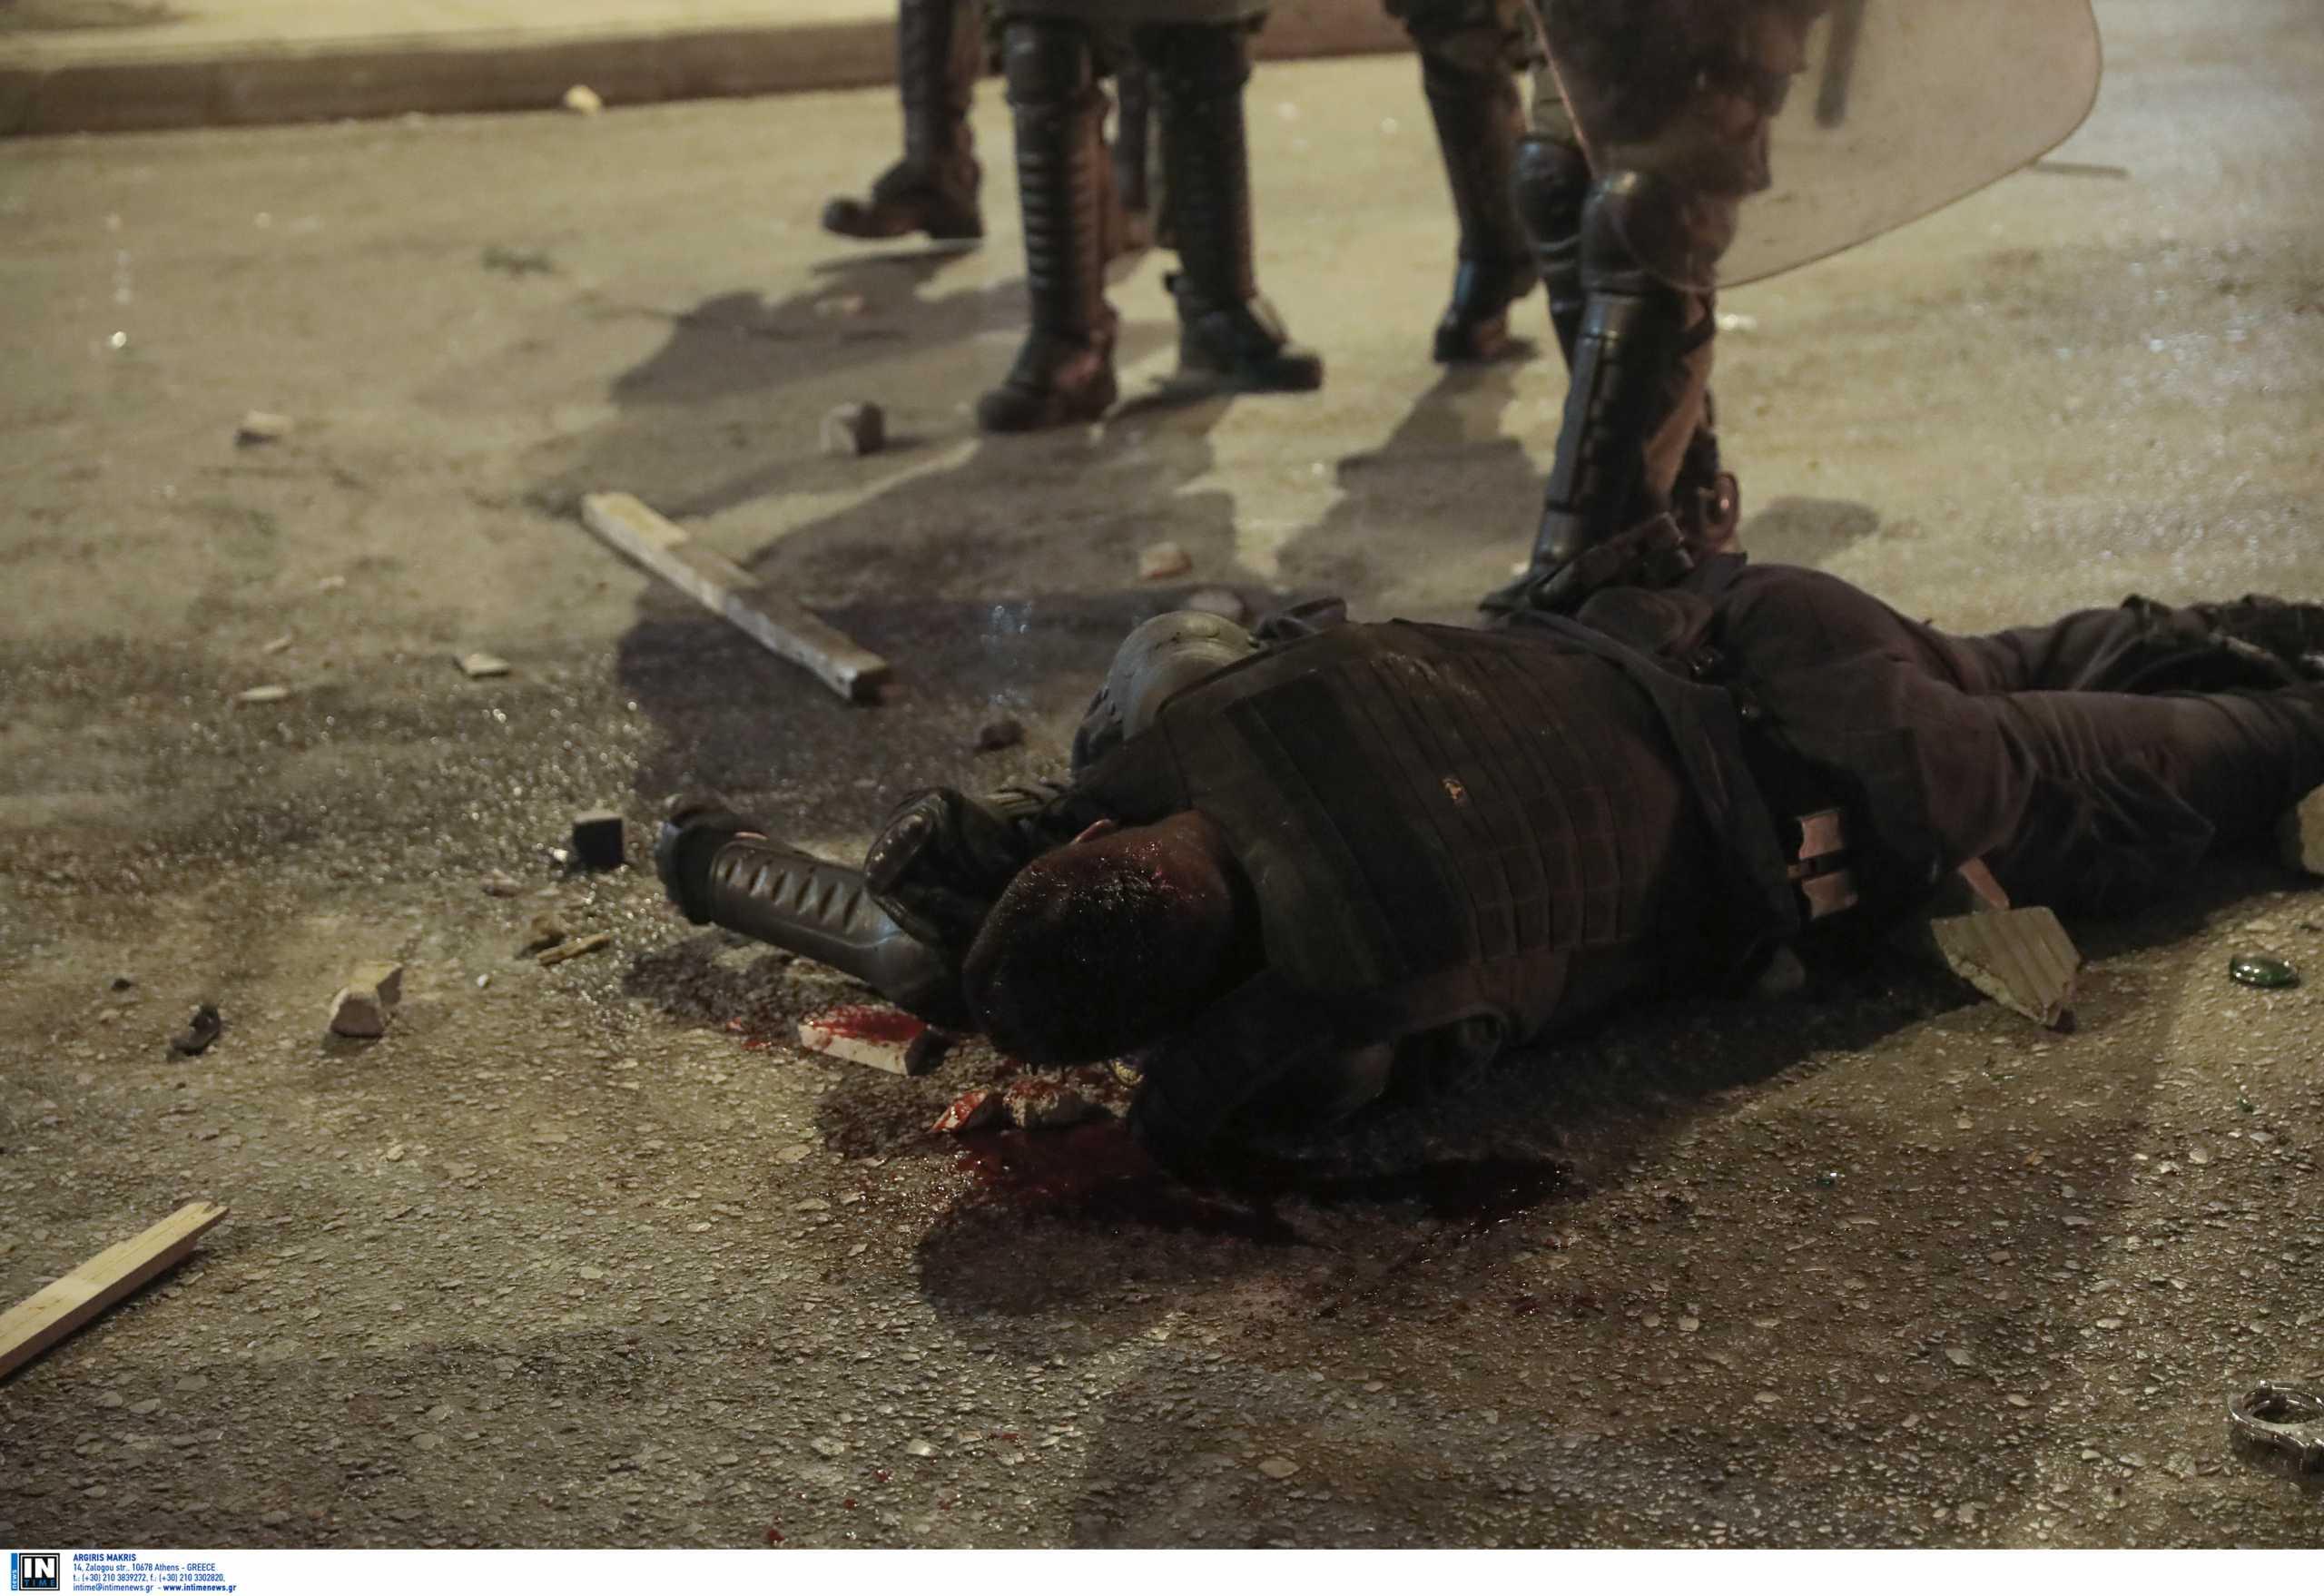 Νέα Σμύρνη: «Μου έλεγαν εδώ θα πεθάνεις» – Ο αστυνομικός περιγράφει την επίθεση